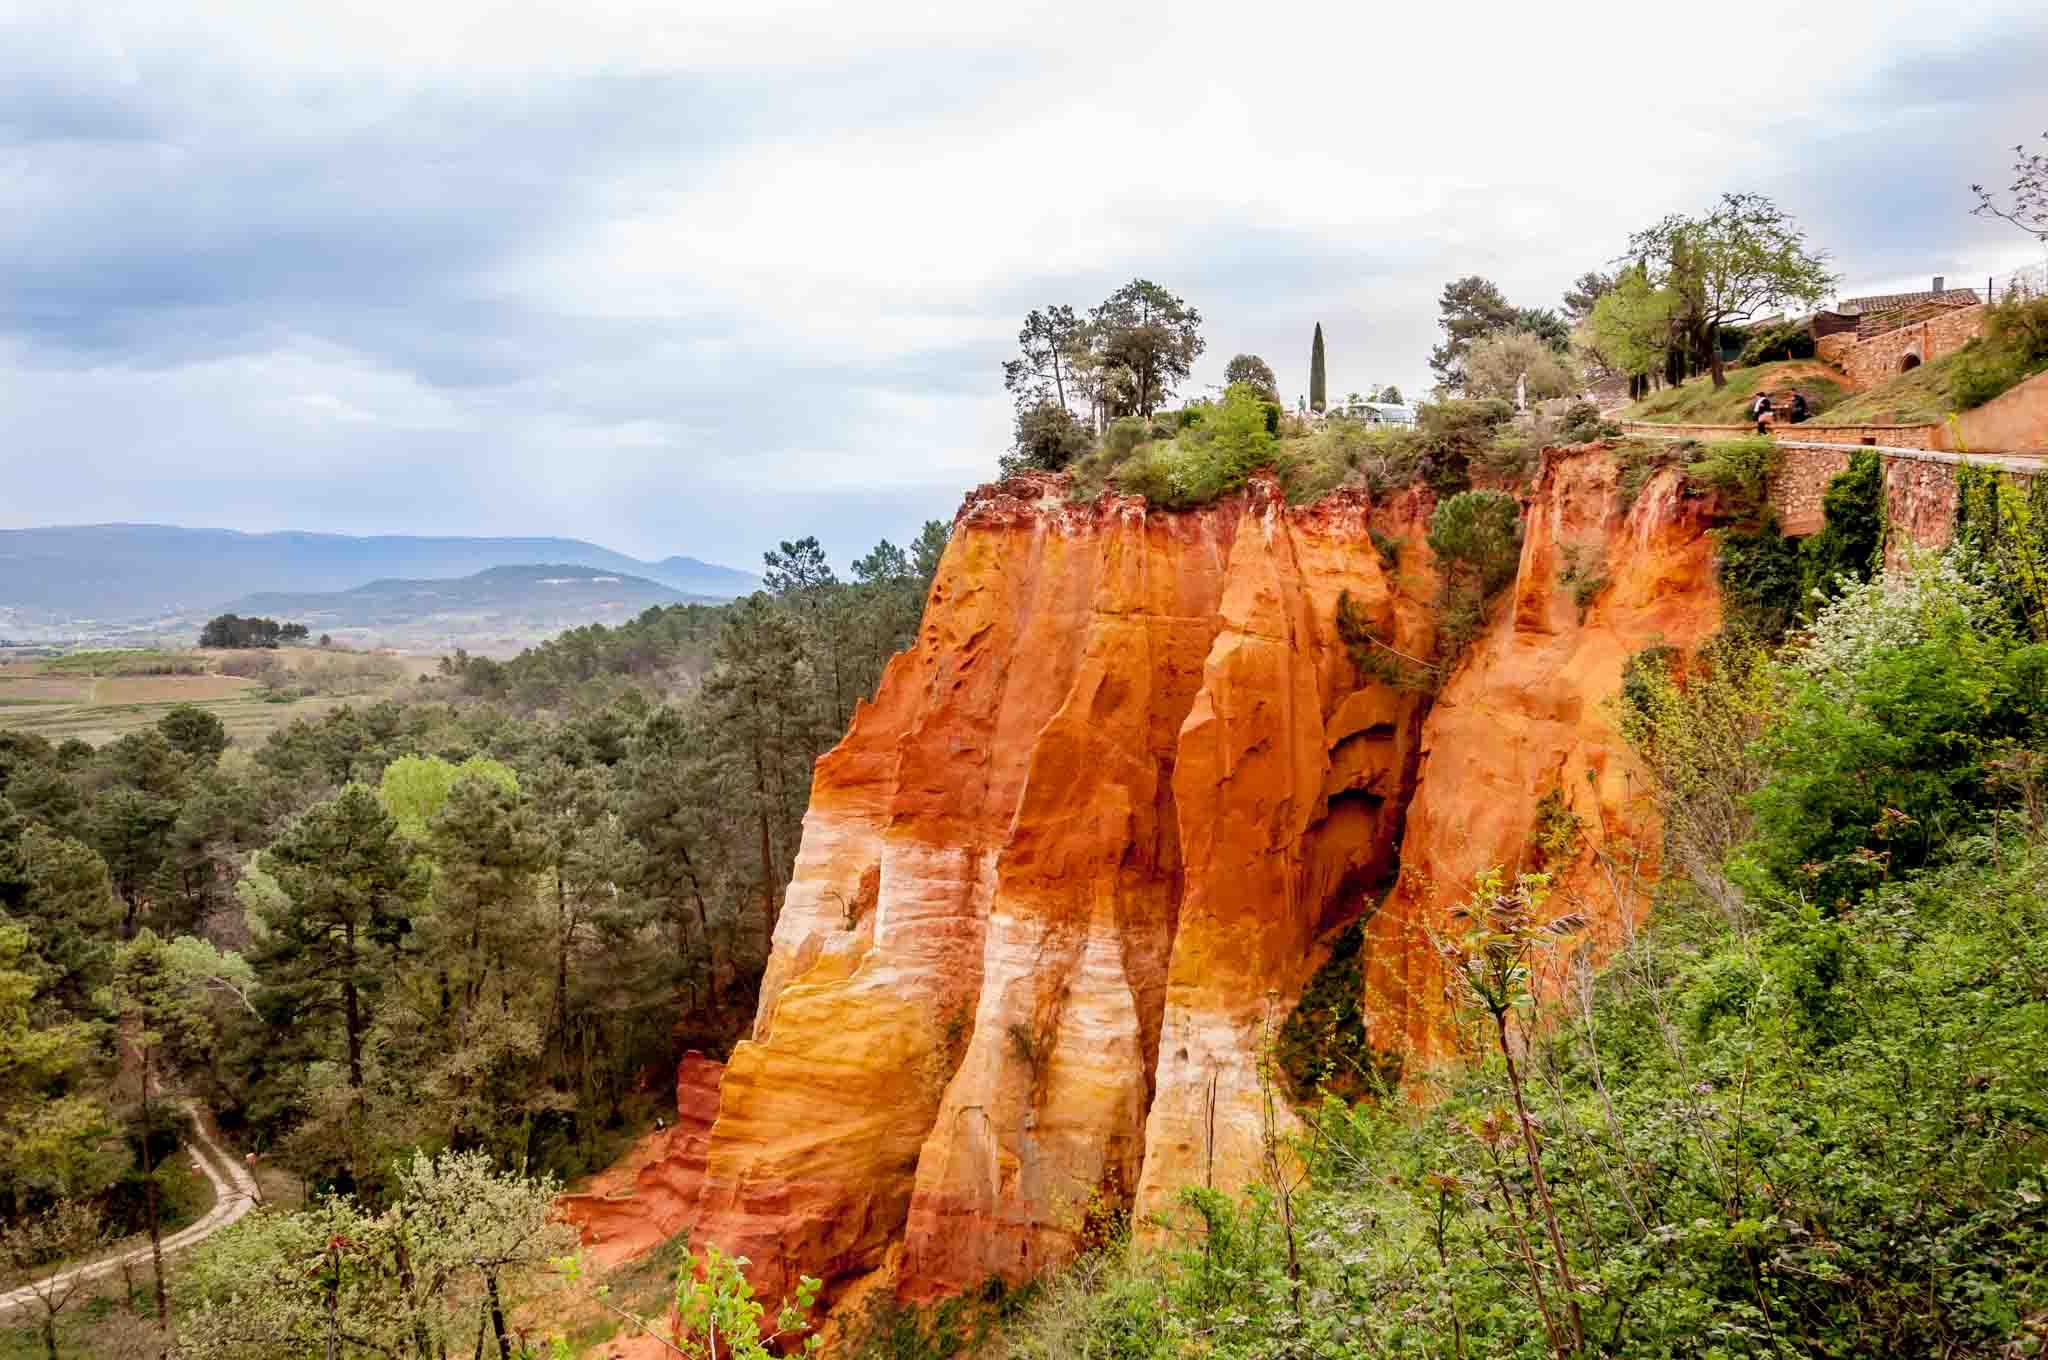 Orange and red ochre cliffs